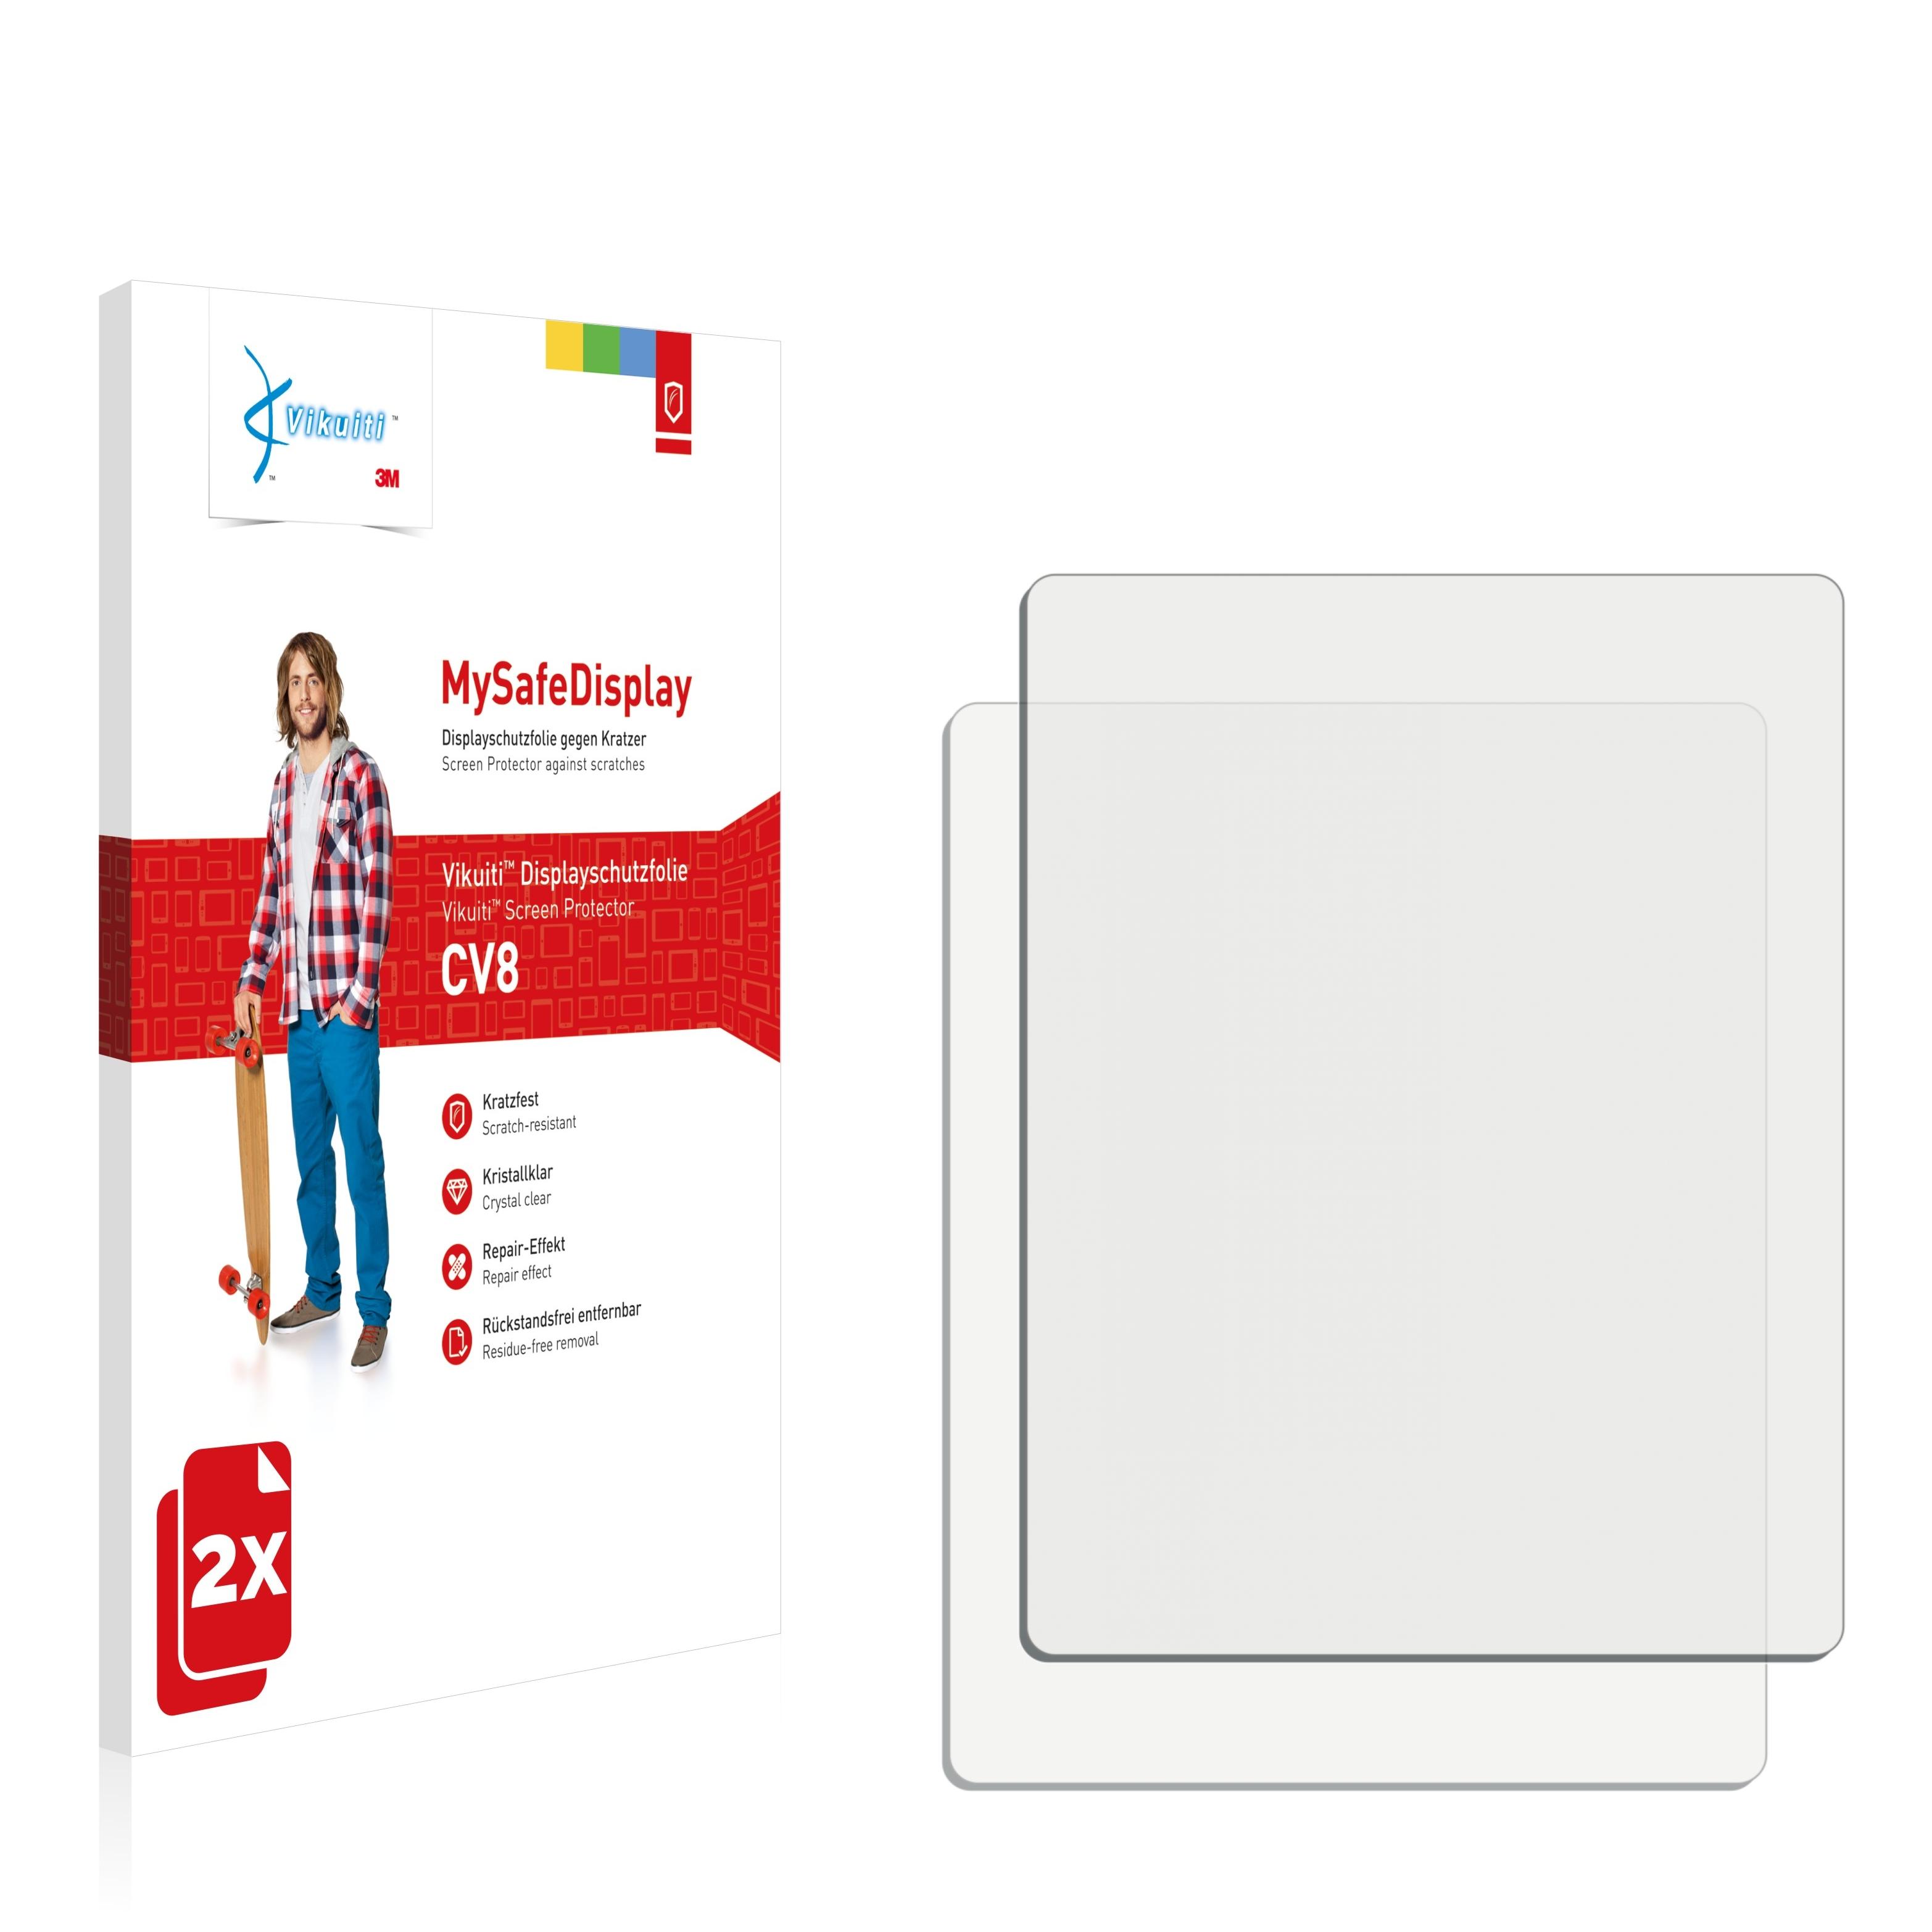 Ochranná fólie CV8 od 3M pro Alcatel One Touch OT-600, 2ks